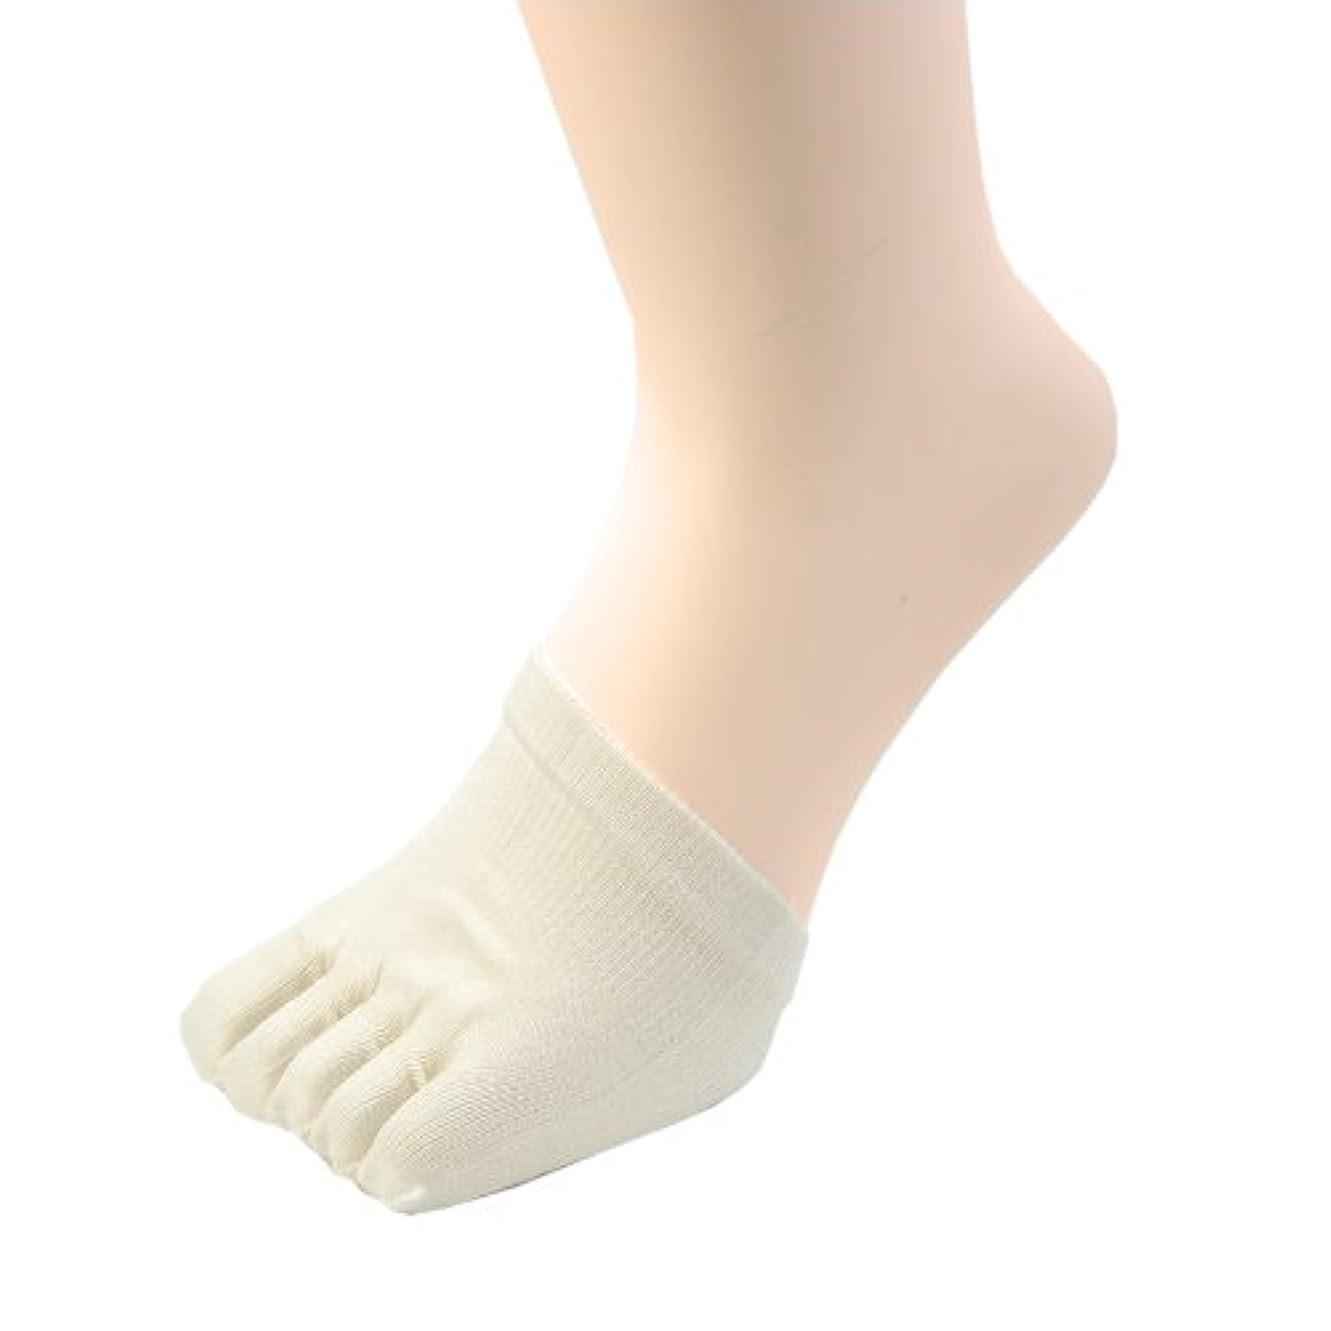 自発的ポール寝室冷えとり 絹 ( シルク )100% ハーフ 5本指 下履き (クツしたイン) ソックス 着圧健康ソックスの必需品! 2足組 #685